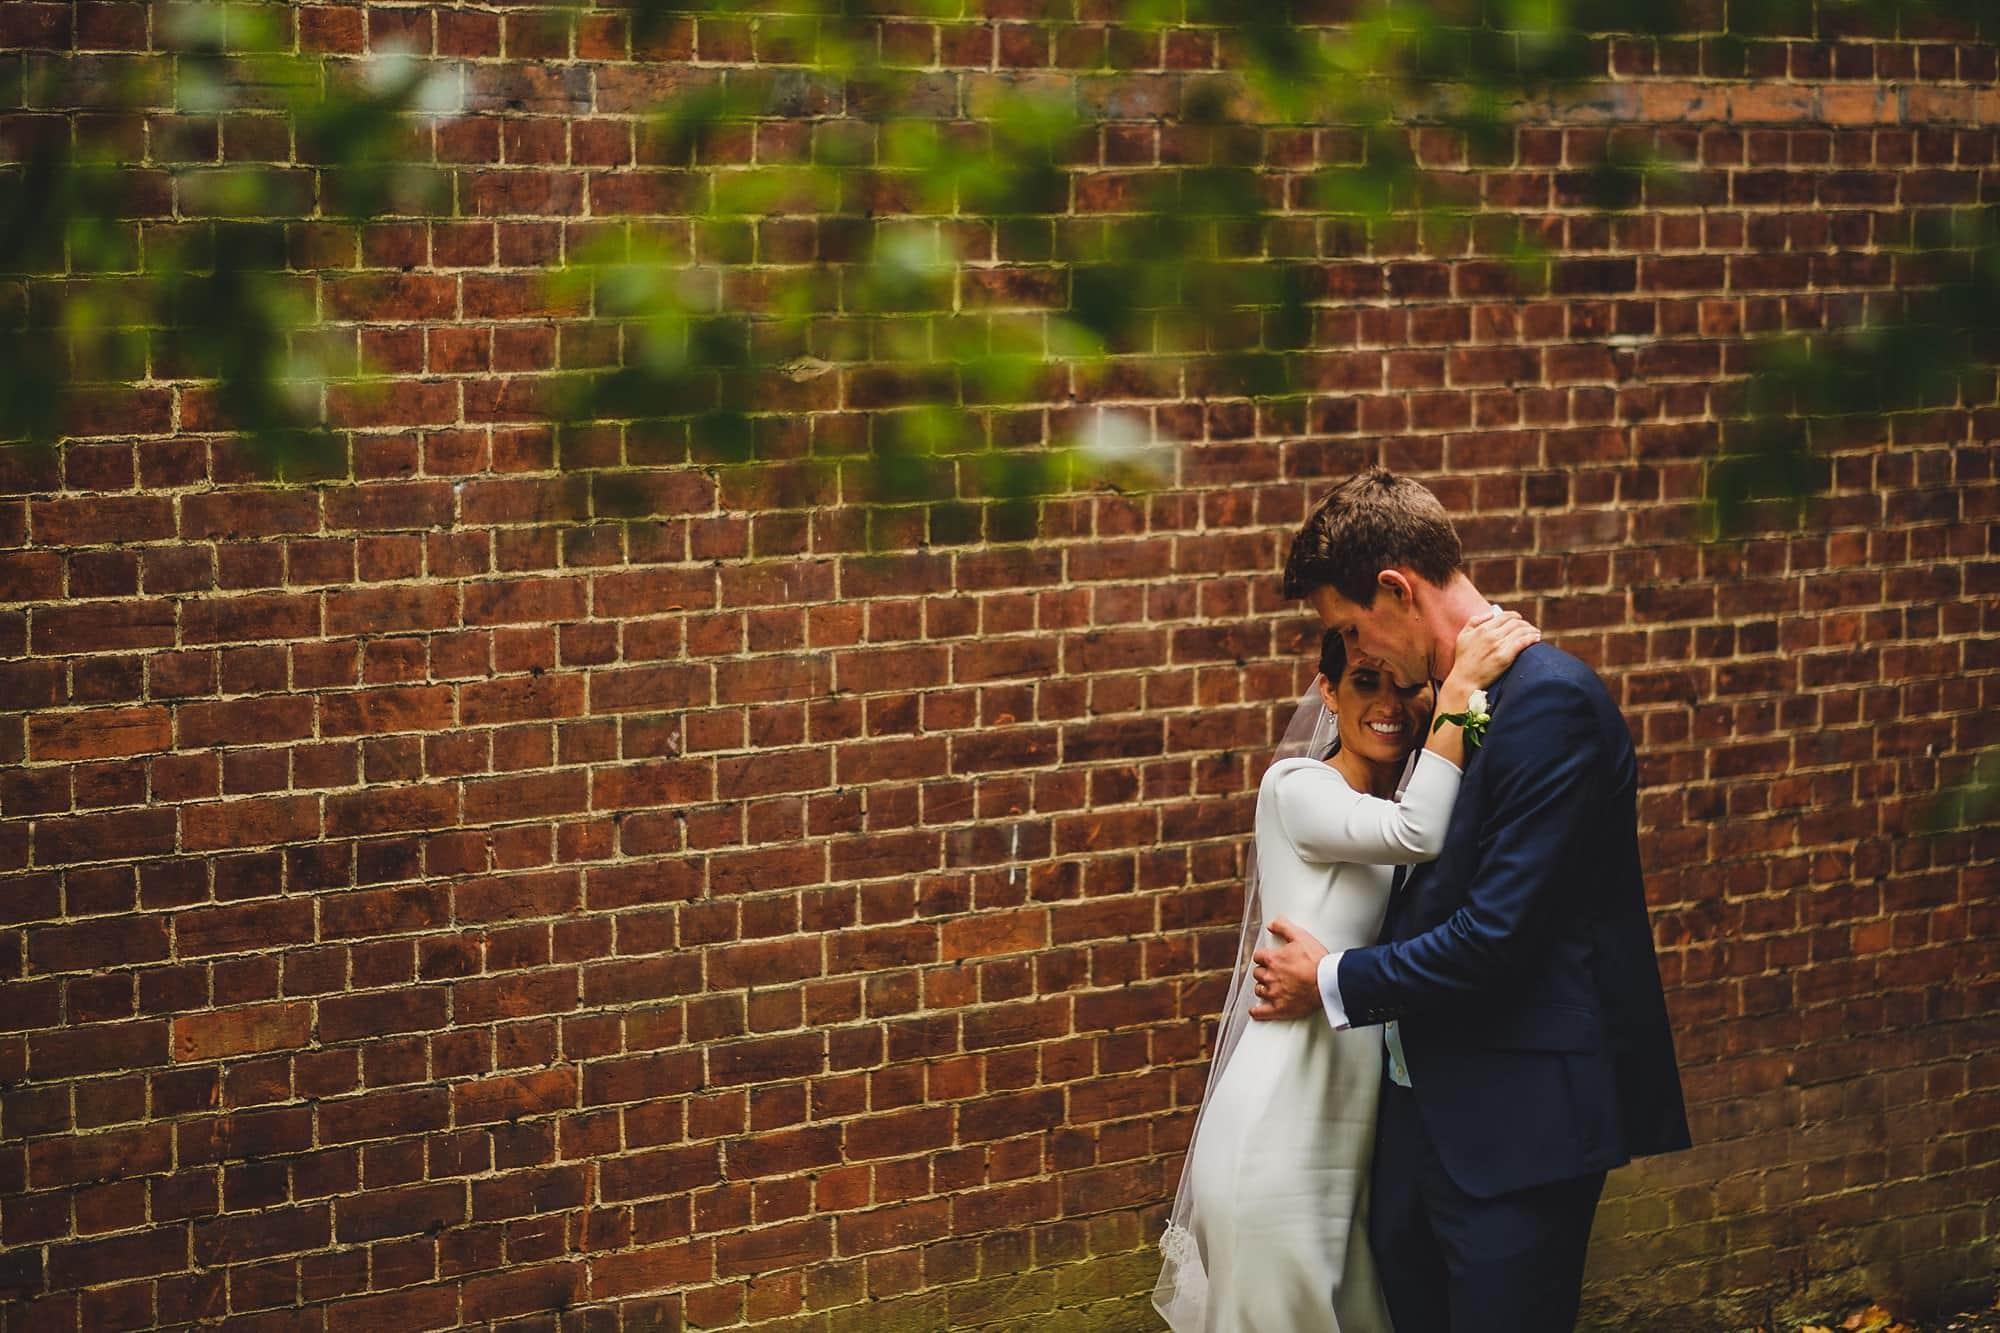 fulham palace wedding photographer ok 058 - Olivia + Kyle